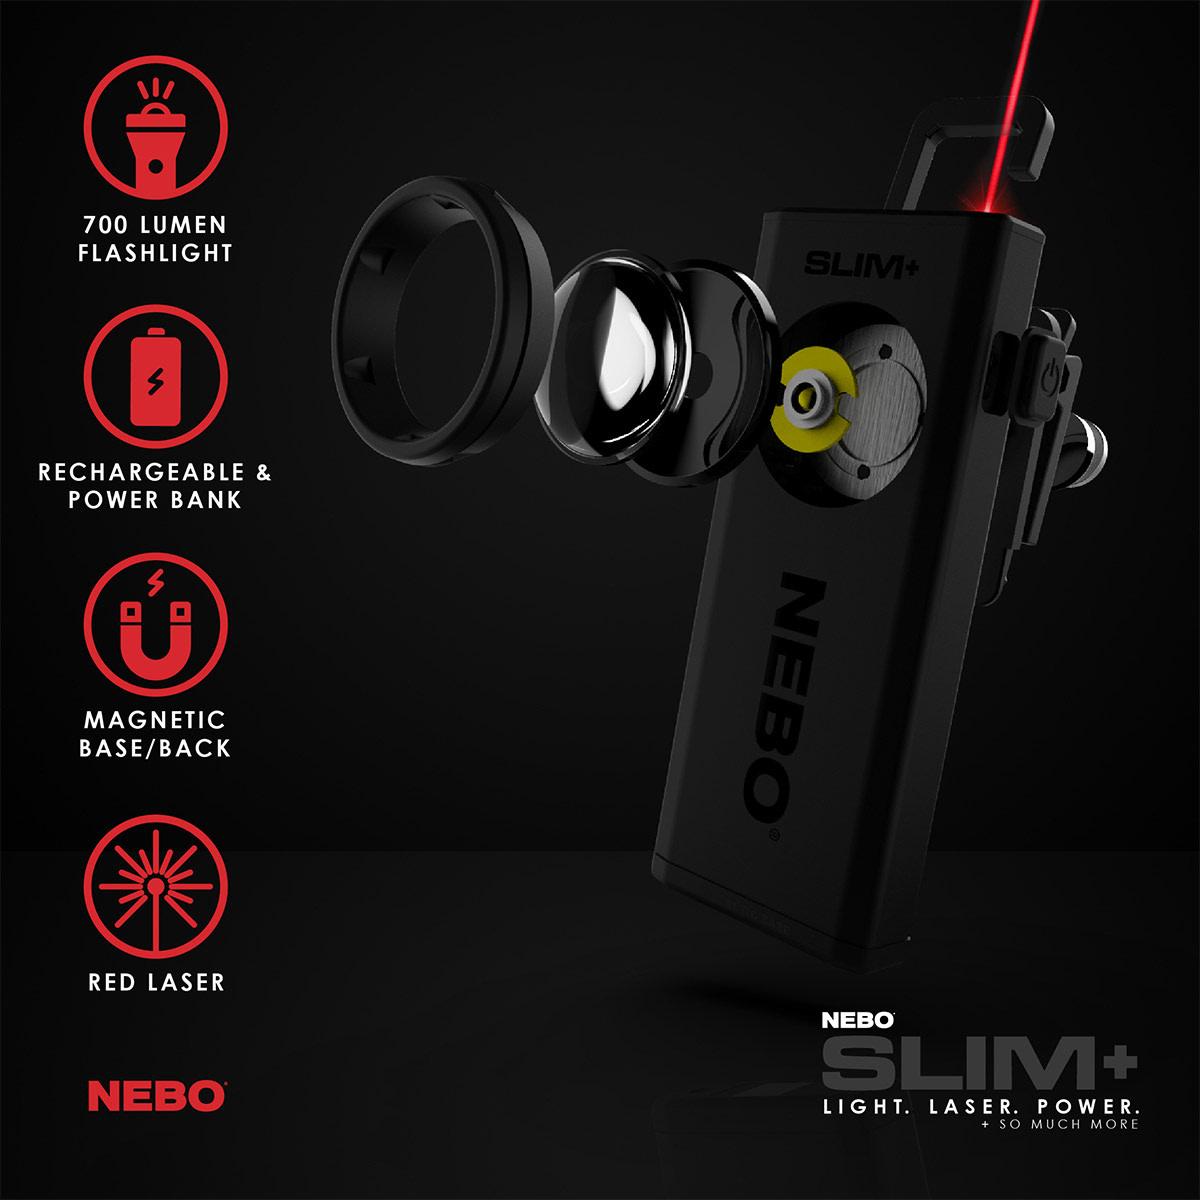 NEBO Slim+ Flashlight